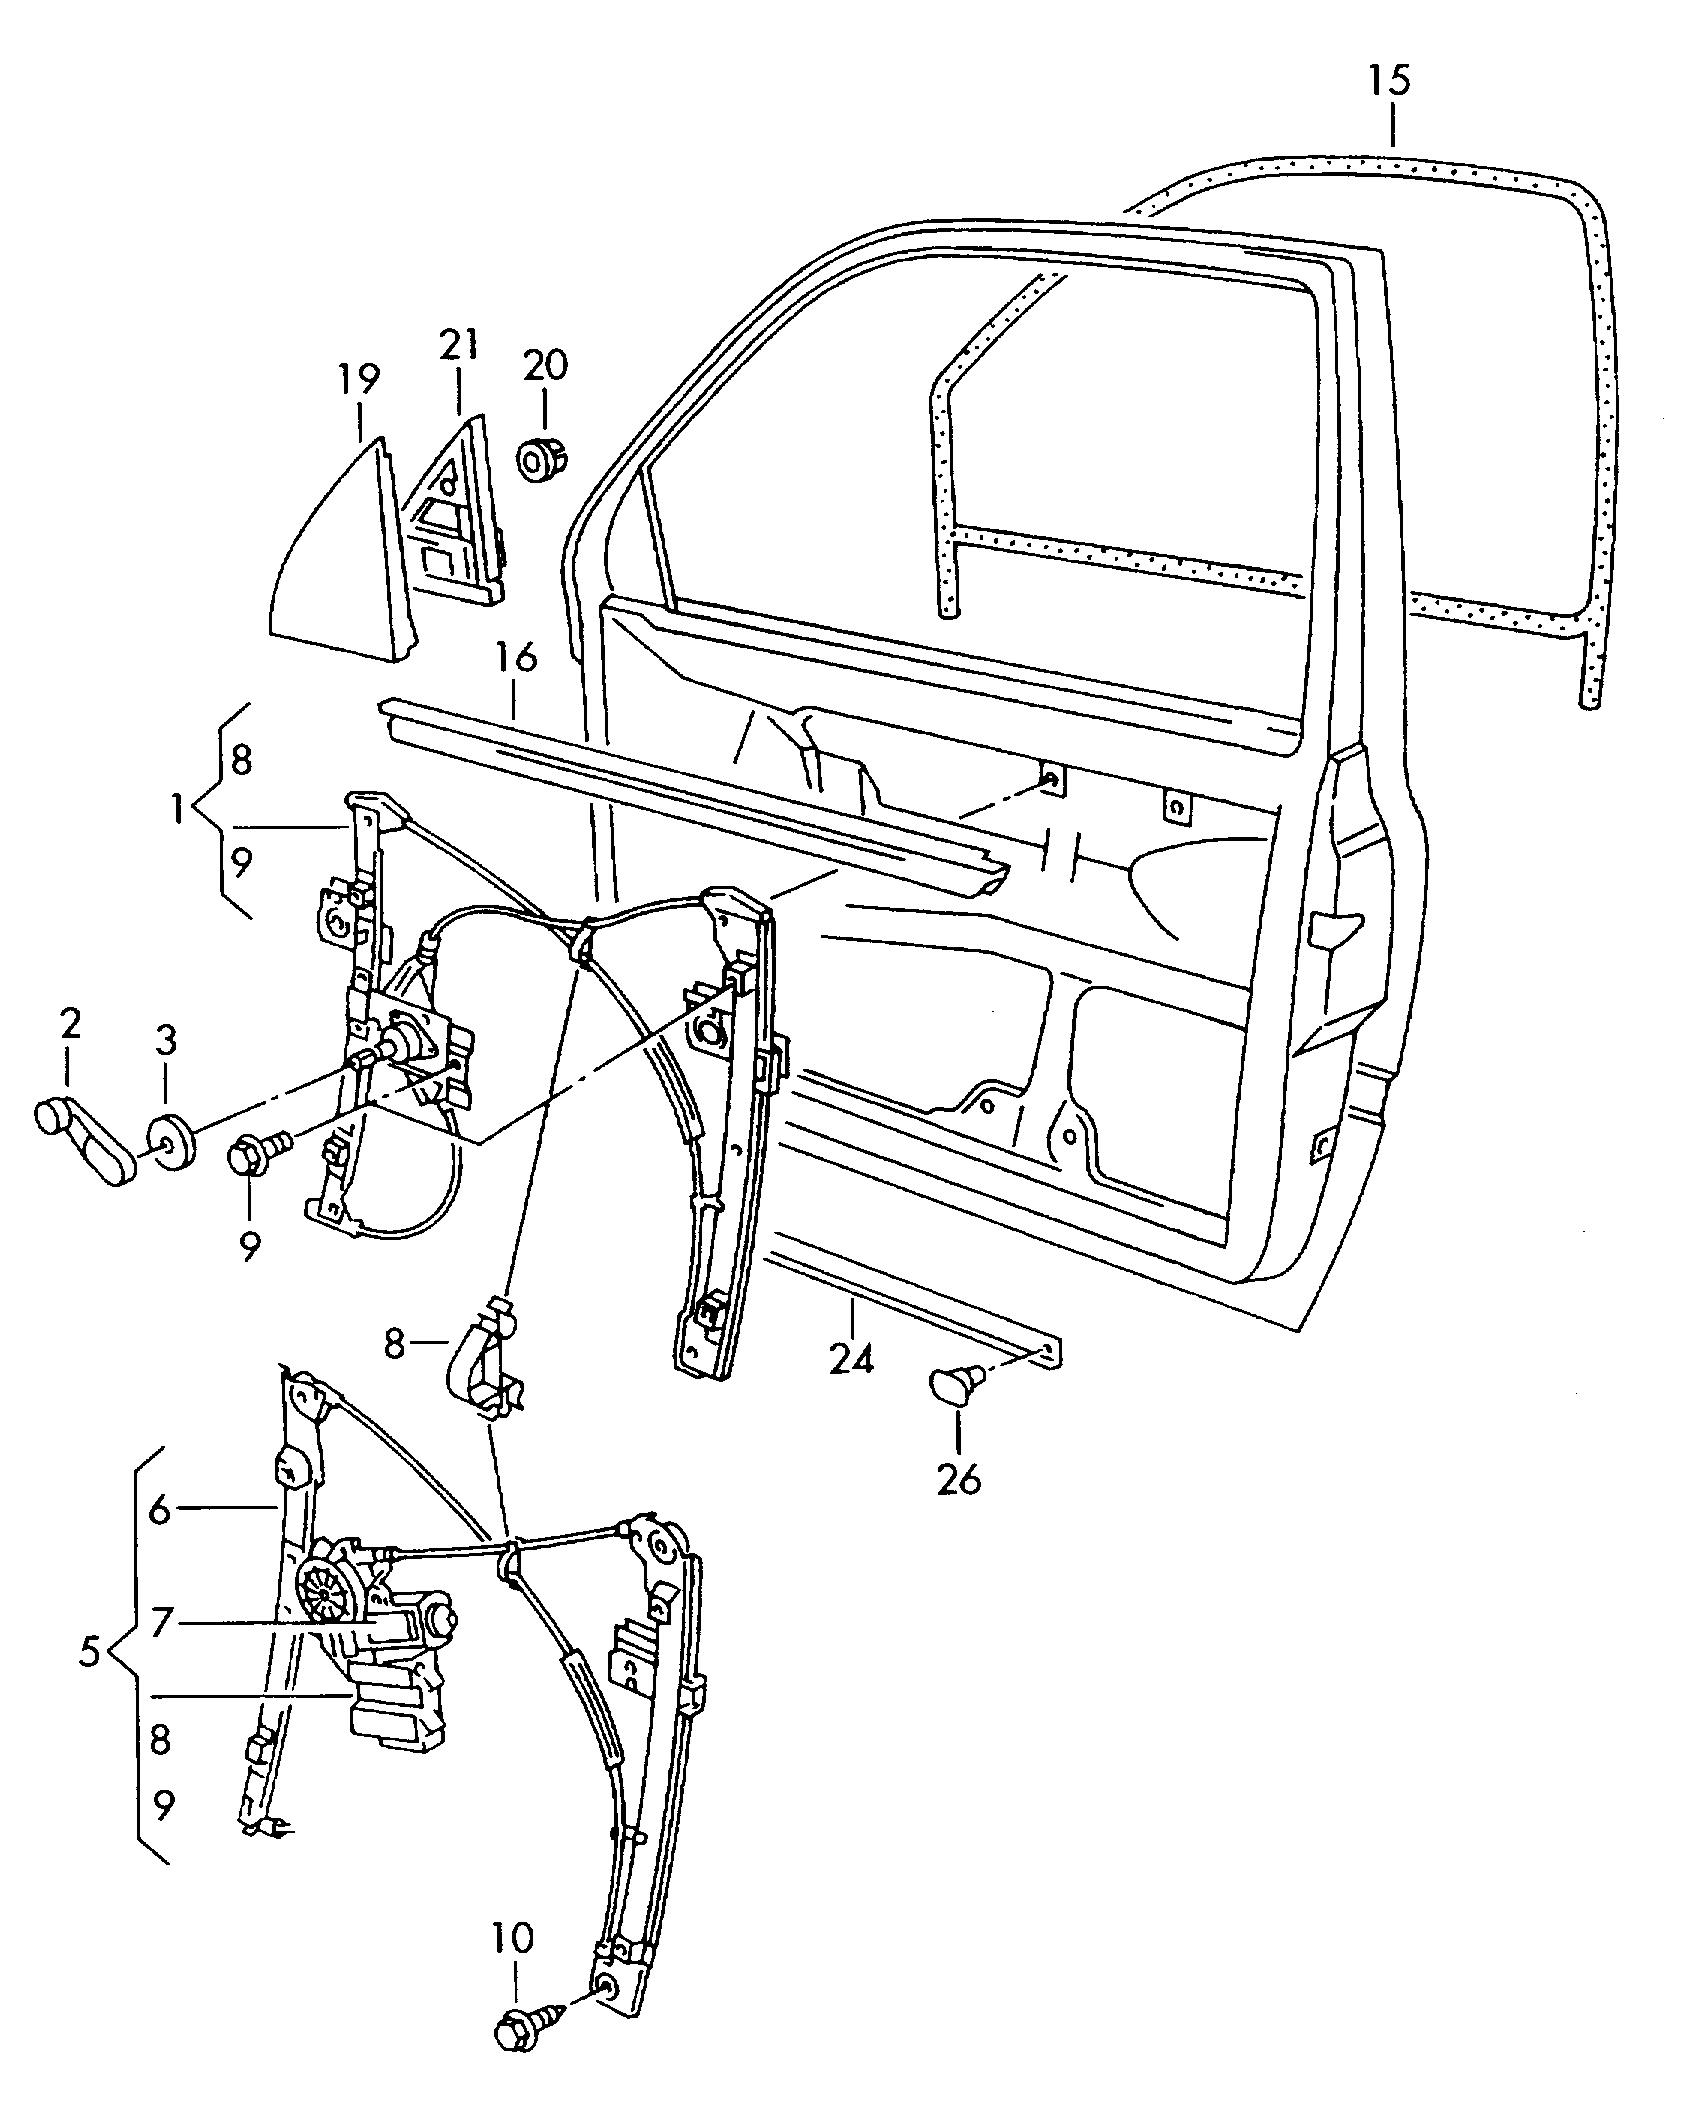 volkswagen jetta 1997 1999 window regulator vag etka online 1995 Mitsubishi Eclipse volkswagen jetta 1997 1999 vag etka